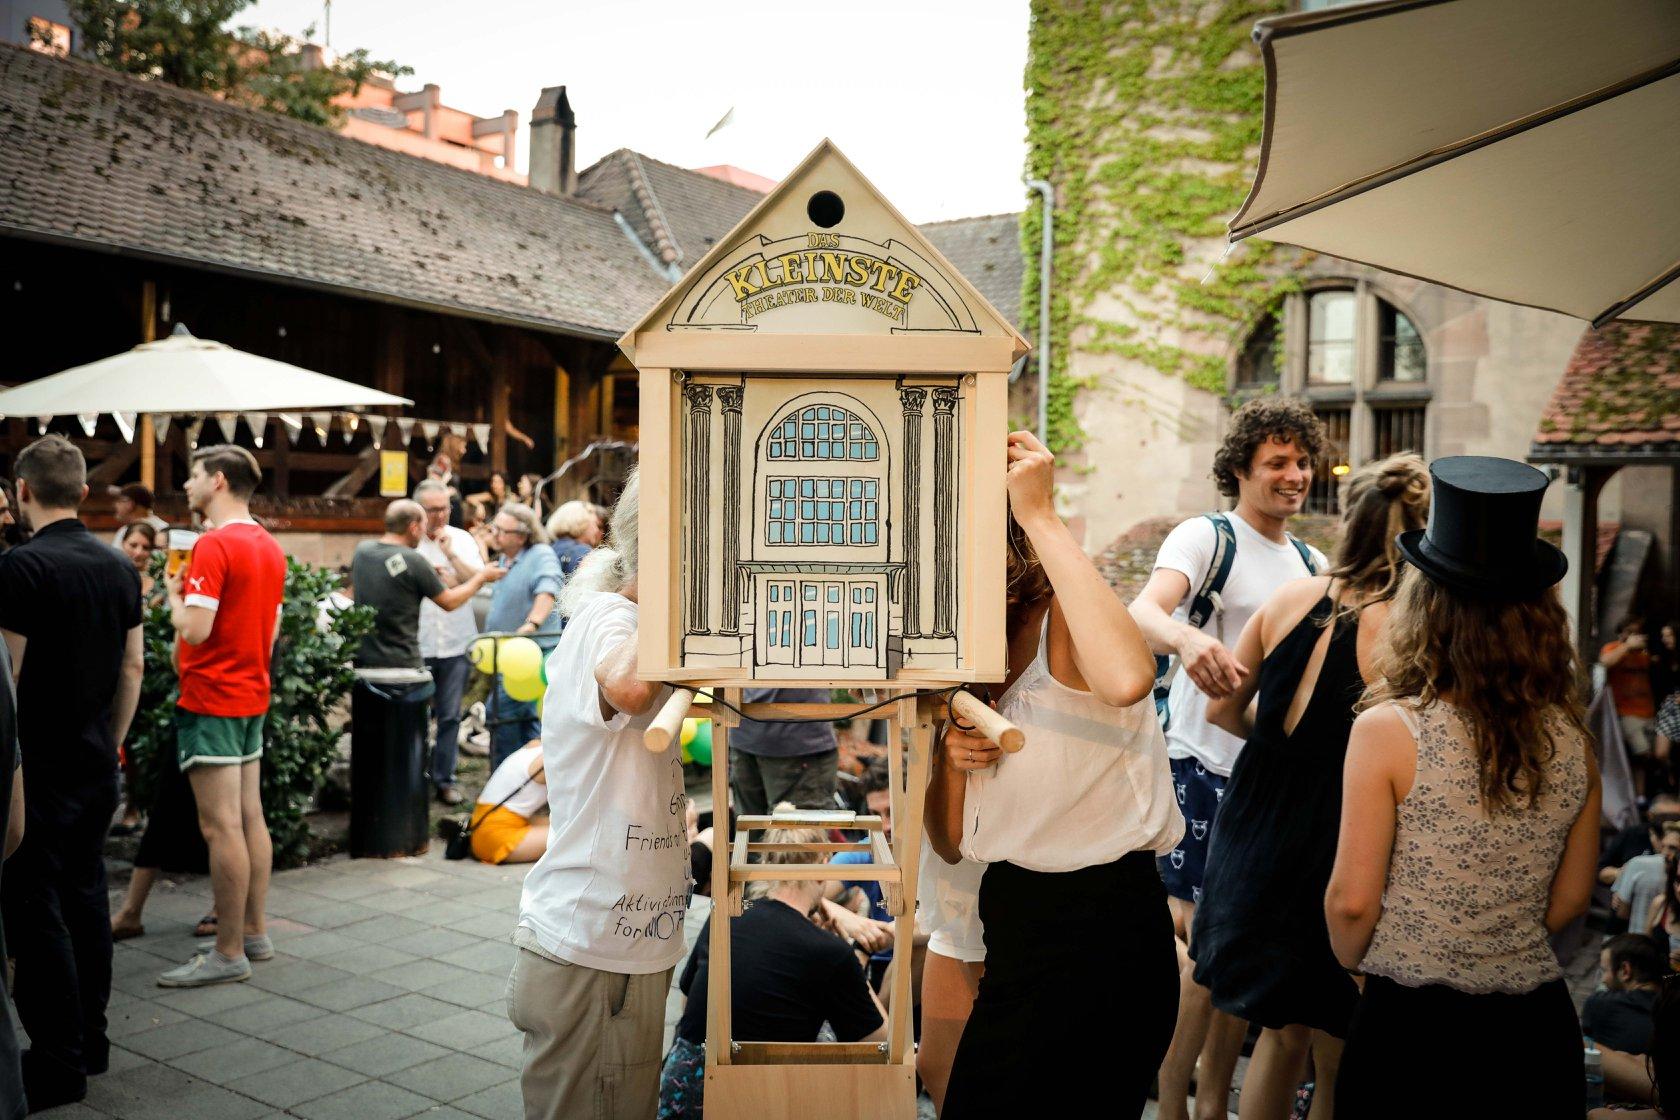 Vorstellung Das Kleinste Theater Der Welt im Kulturgarten, KunstKulturQuartier Nürnberg